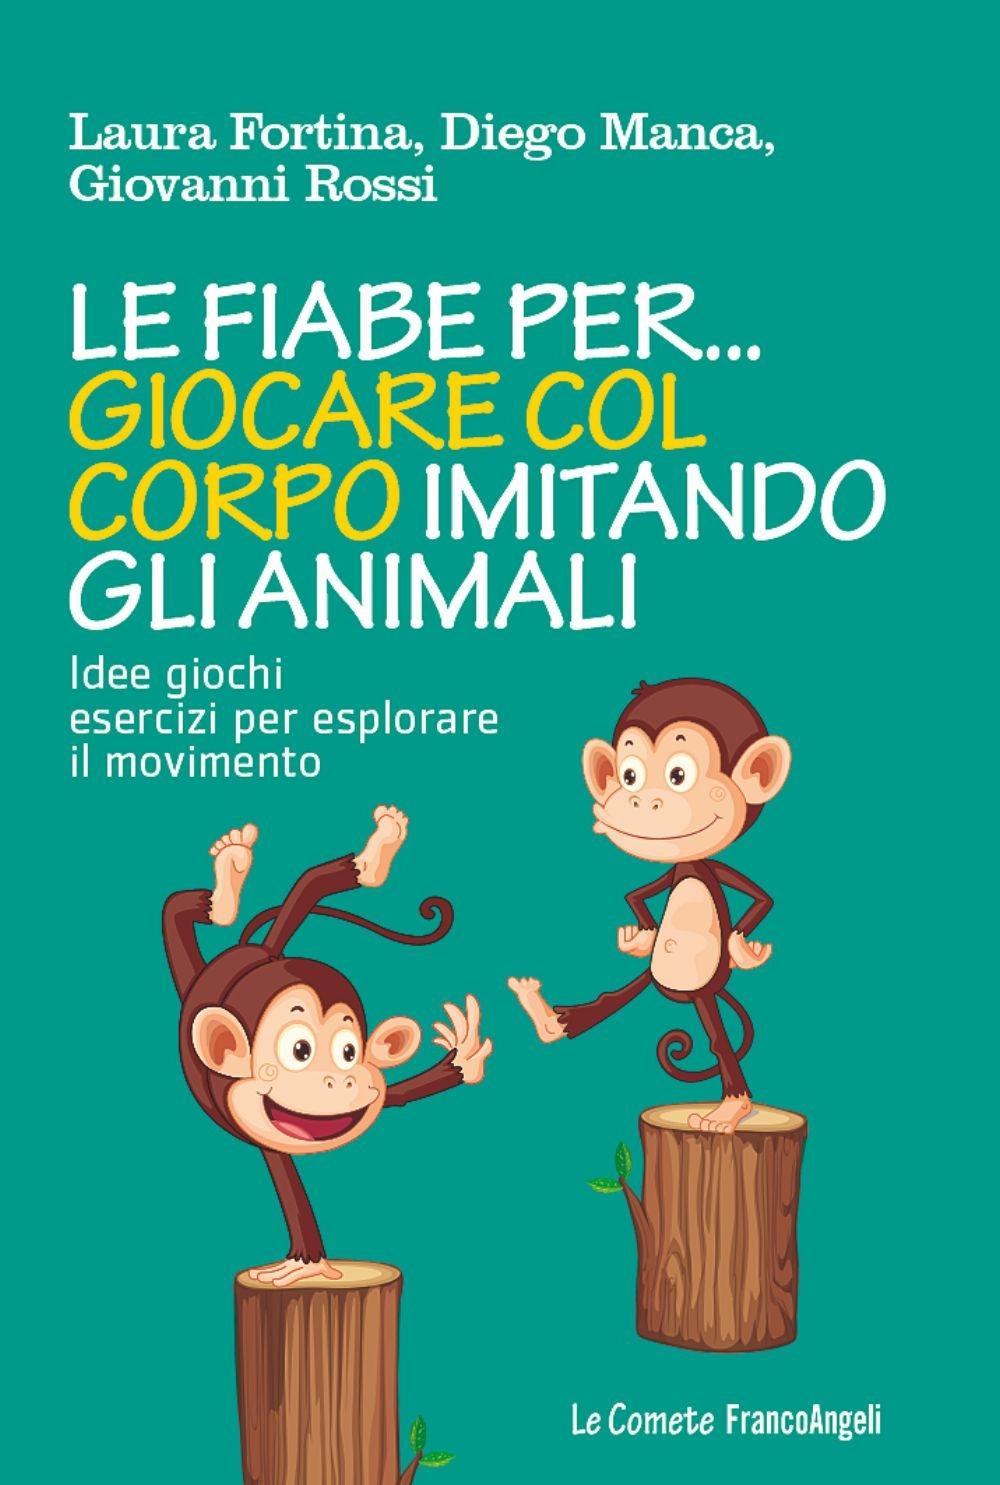 Le Fiabe Per... Giocare Col Corpo Imitando gli Animali. Idee, Giochi, Esercizi Per Esplorare il Movimento.